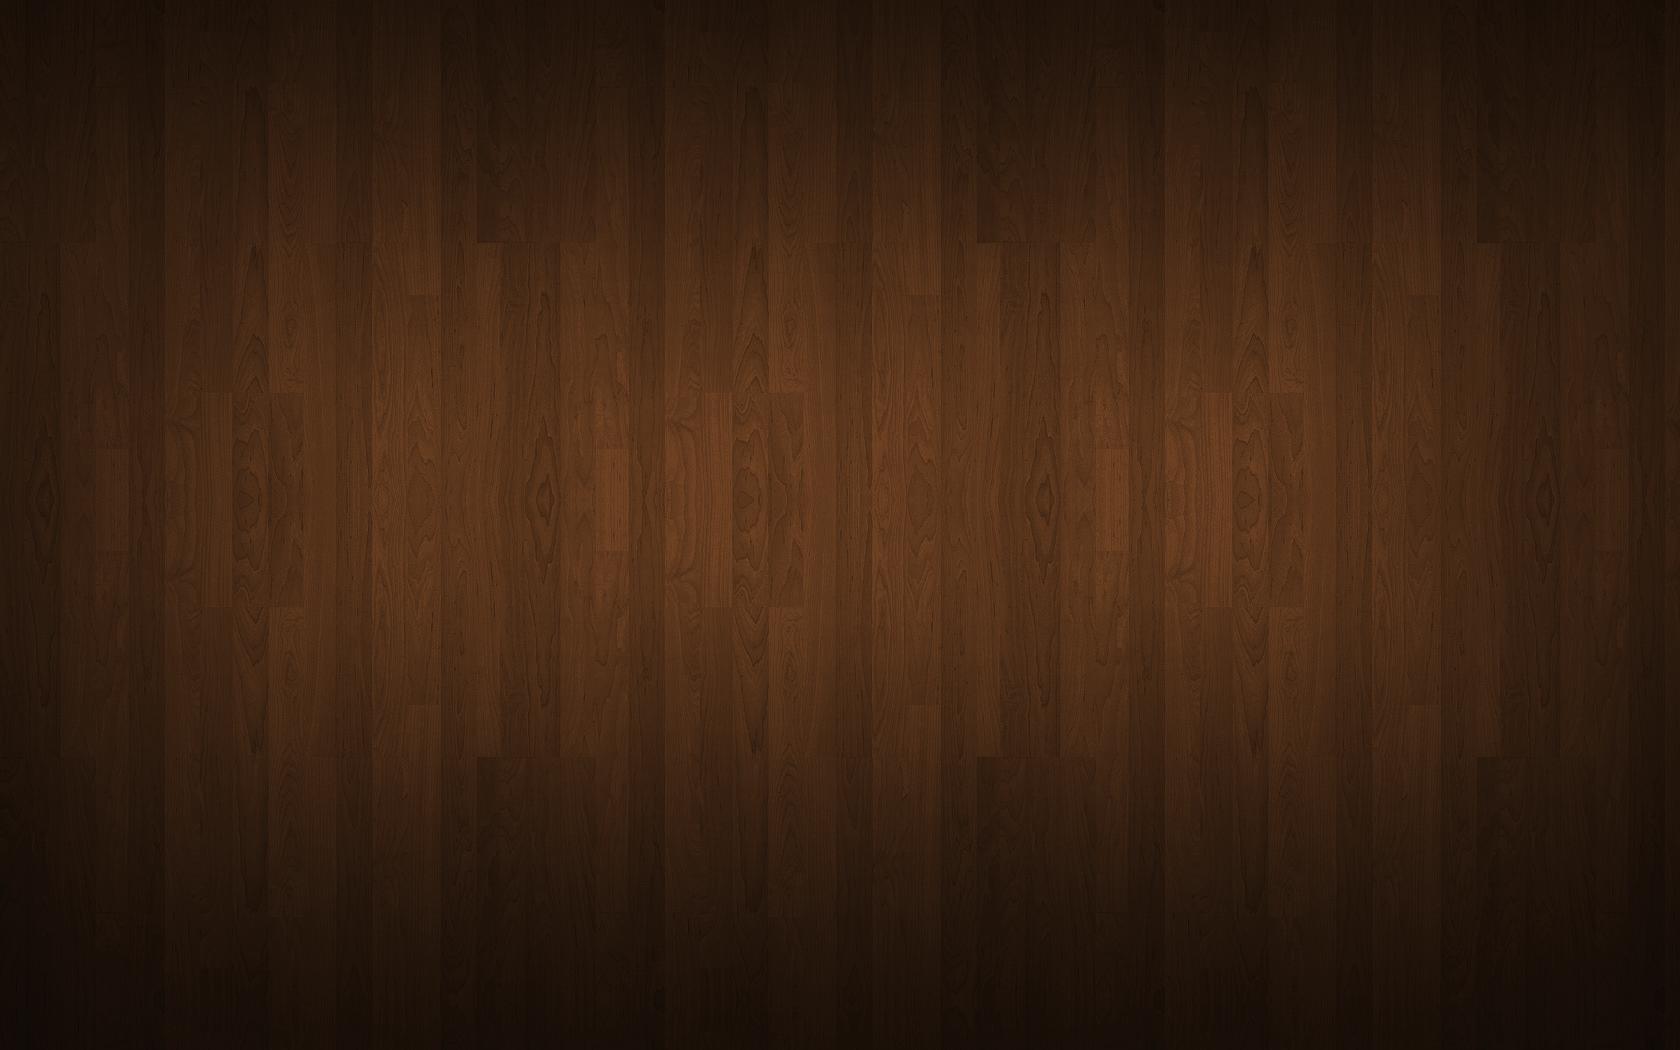 Wooden Desk Background ~ Desk backgrounds pictures wallpaper cave